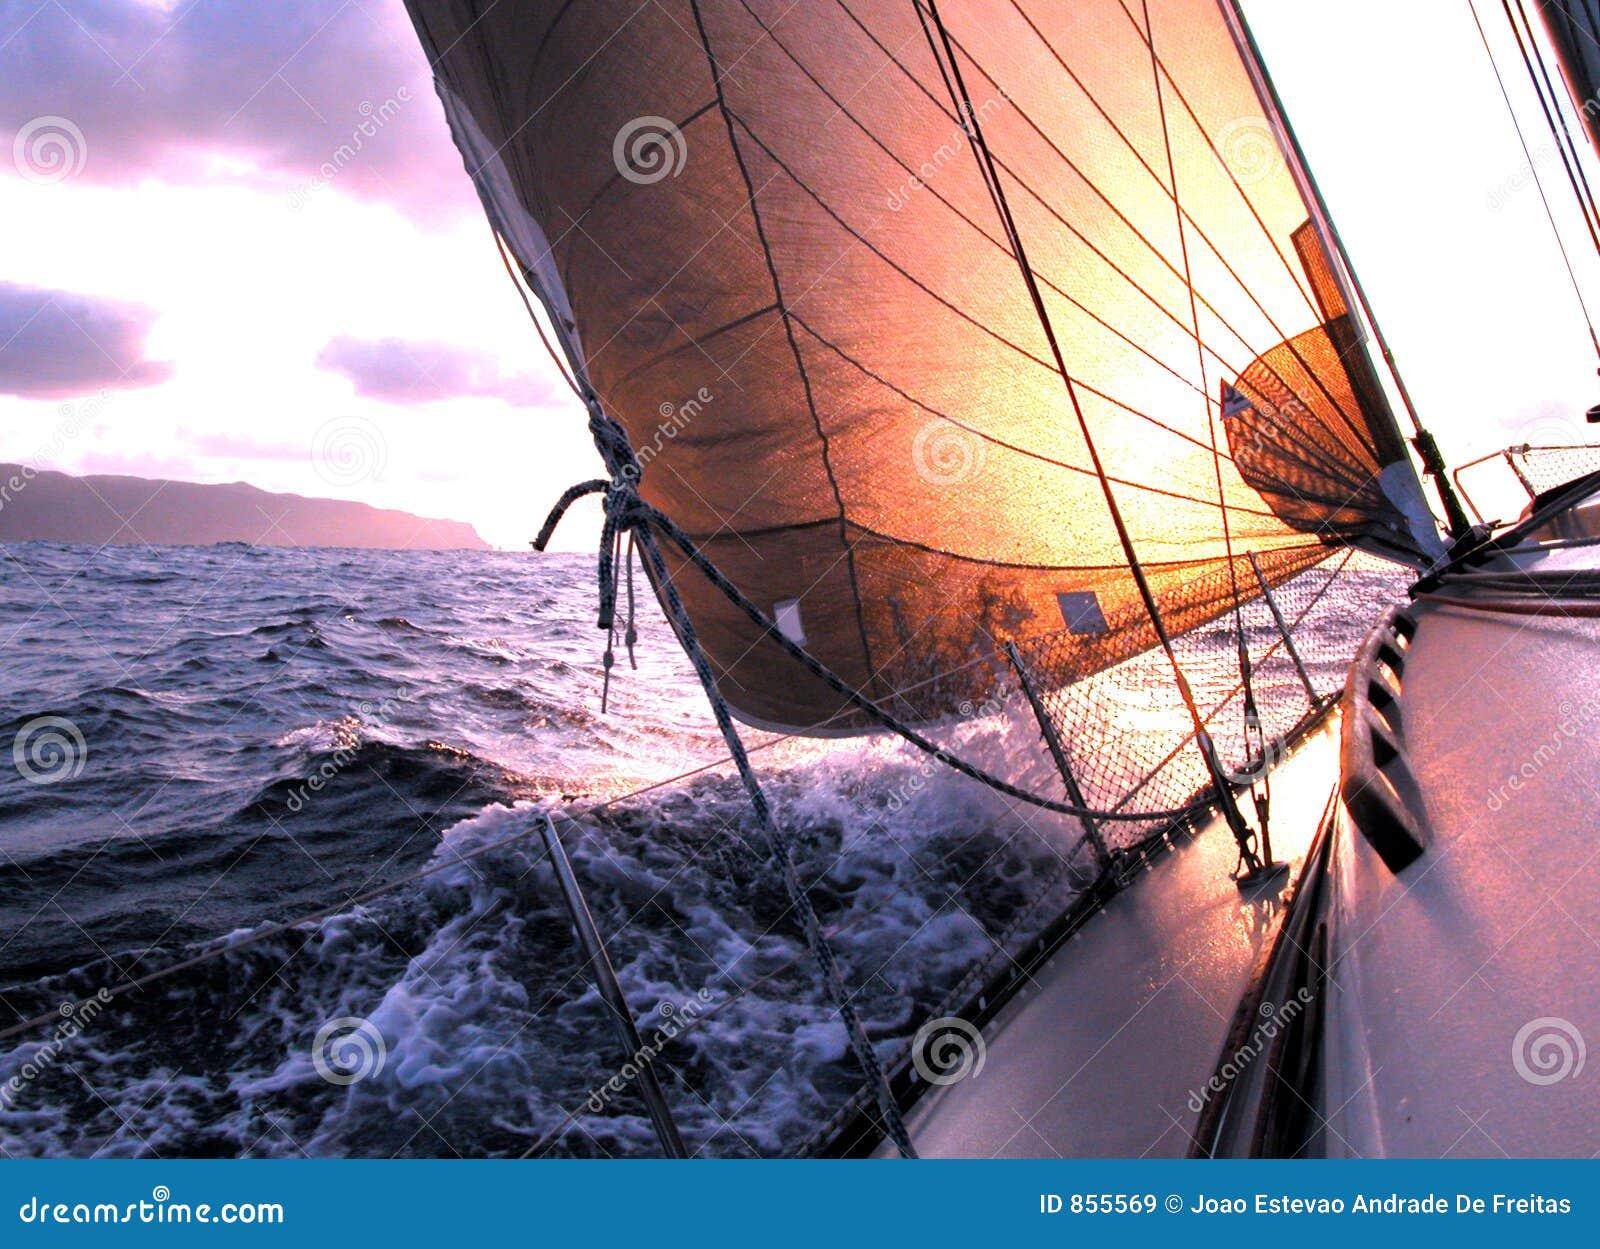 Het varen aan de zonsopgang